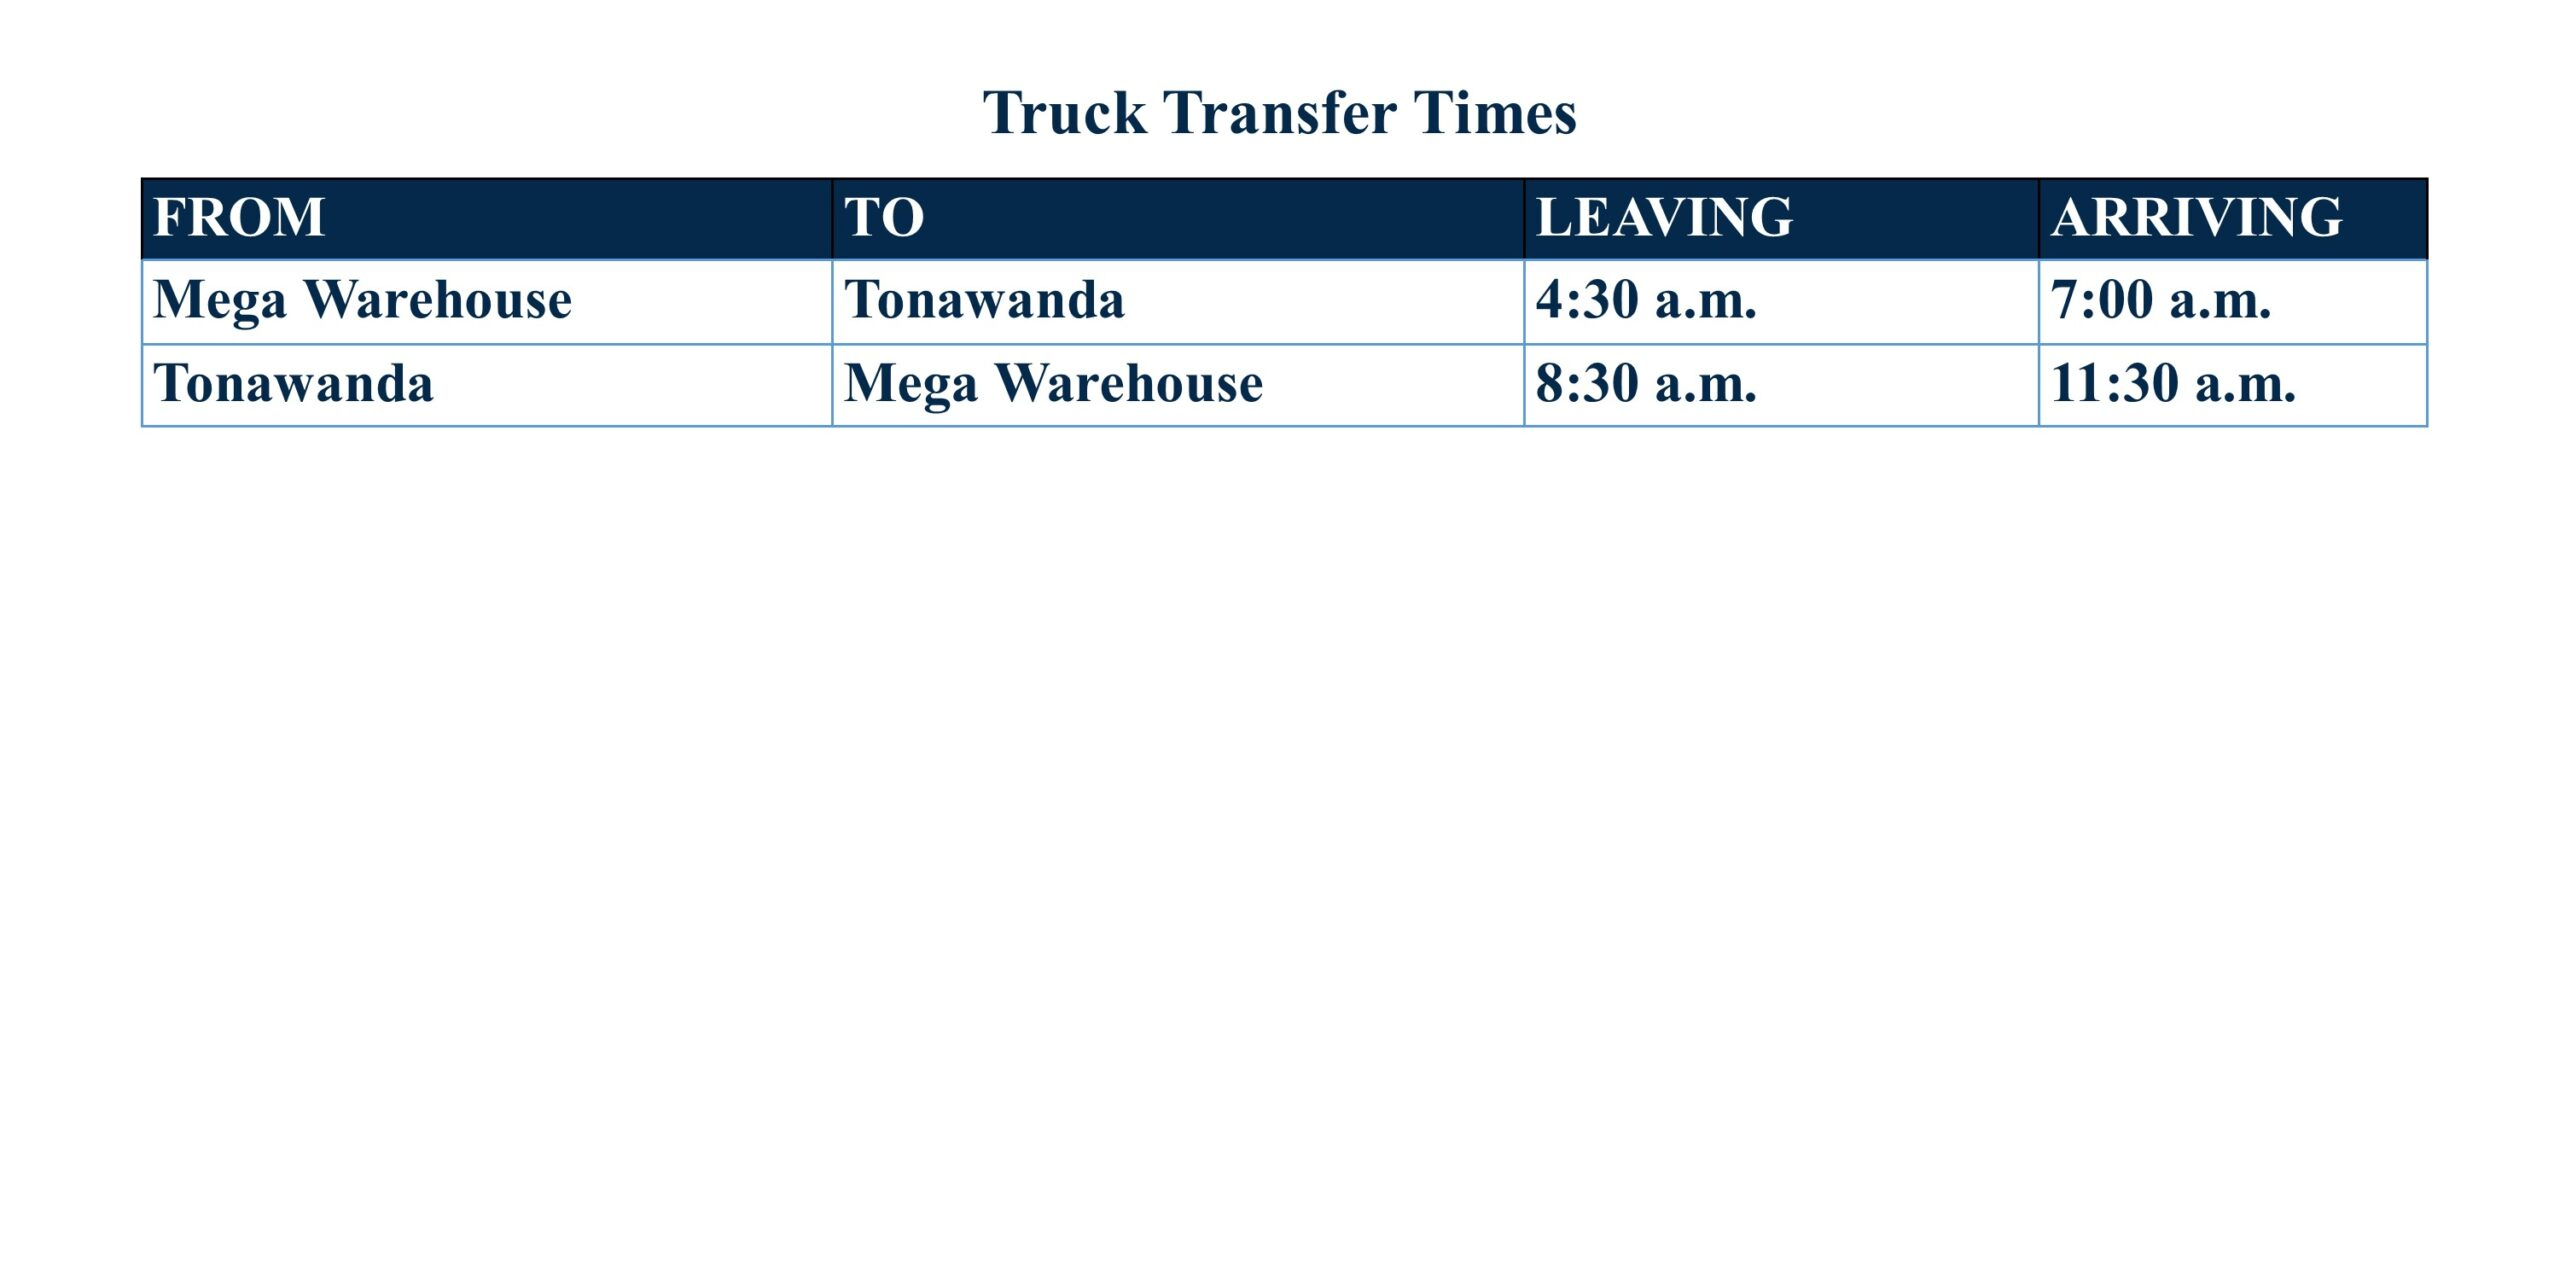 Tonawanda - Truck Transfers